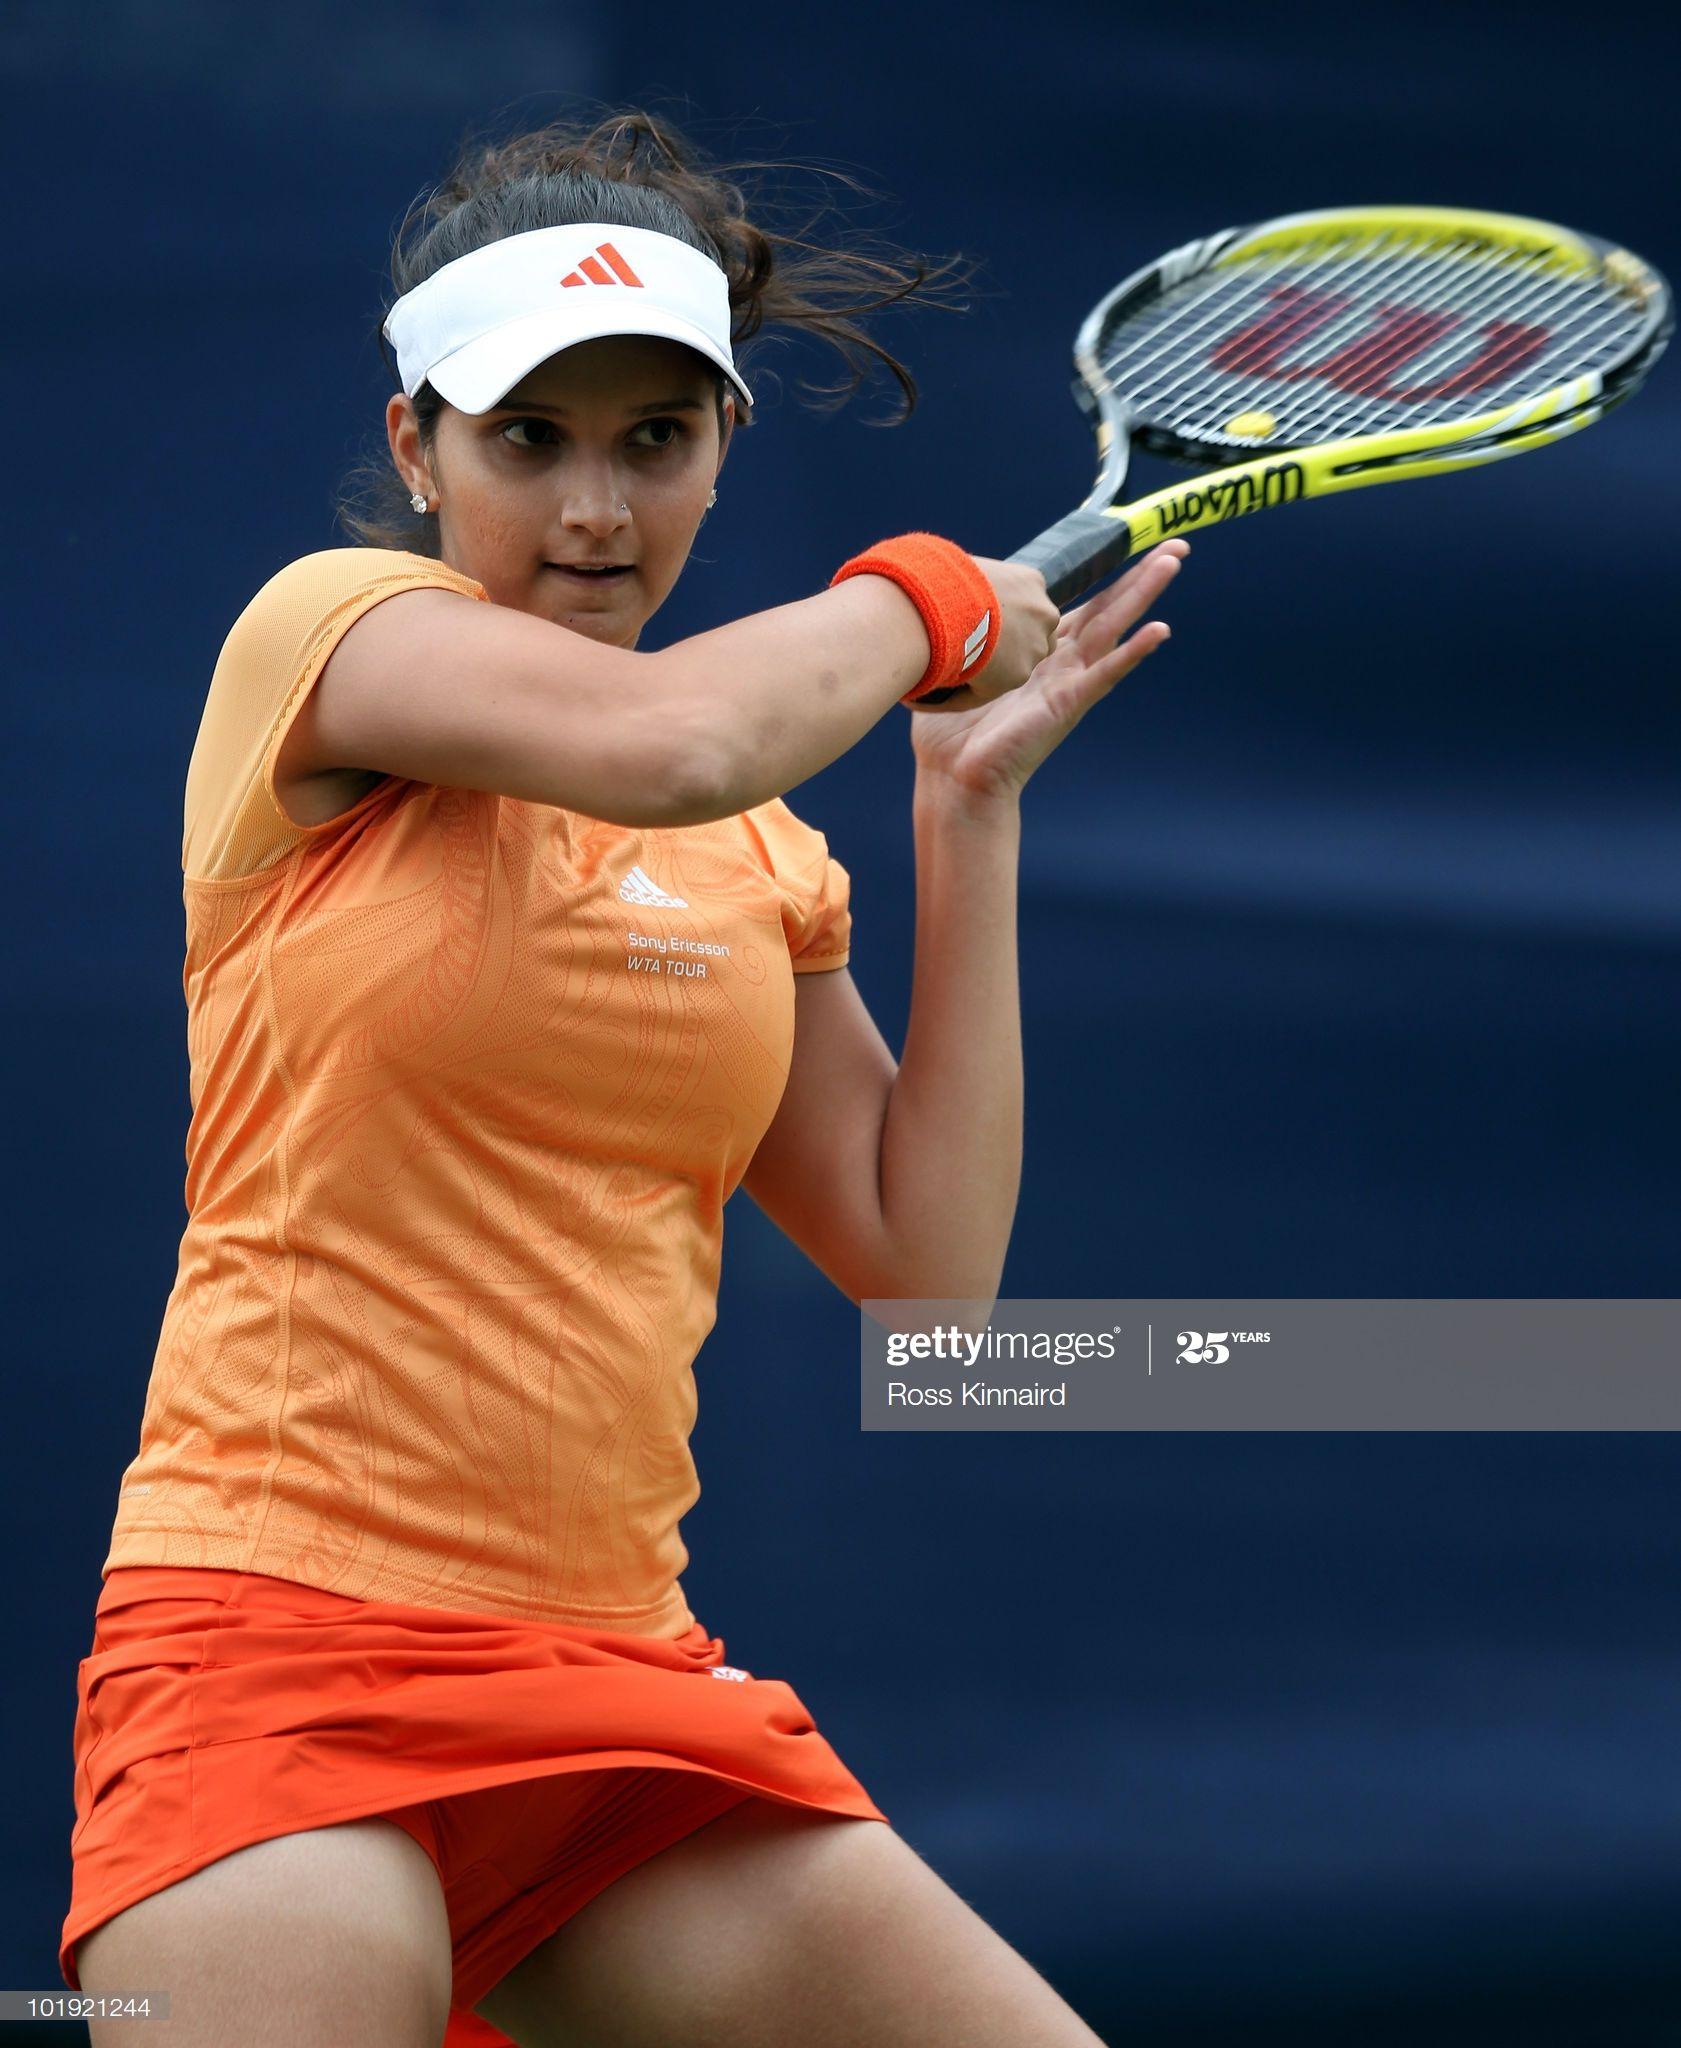 Photos of Indian Cinema Actresses: Hot Tennis Players of